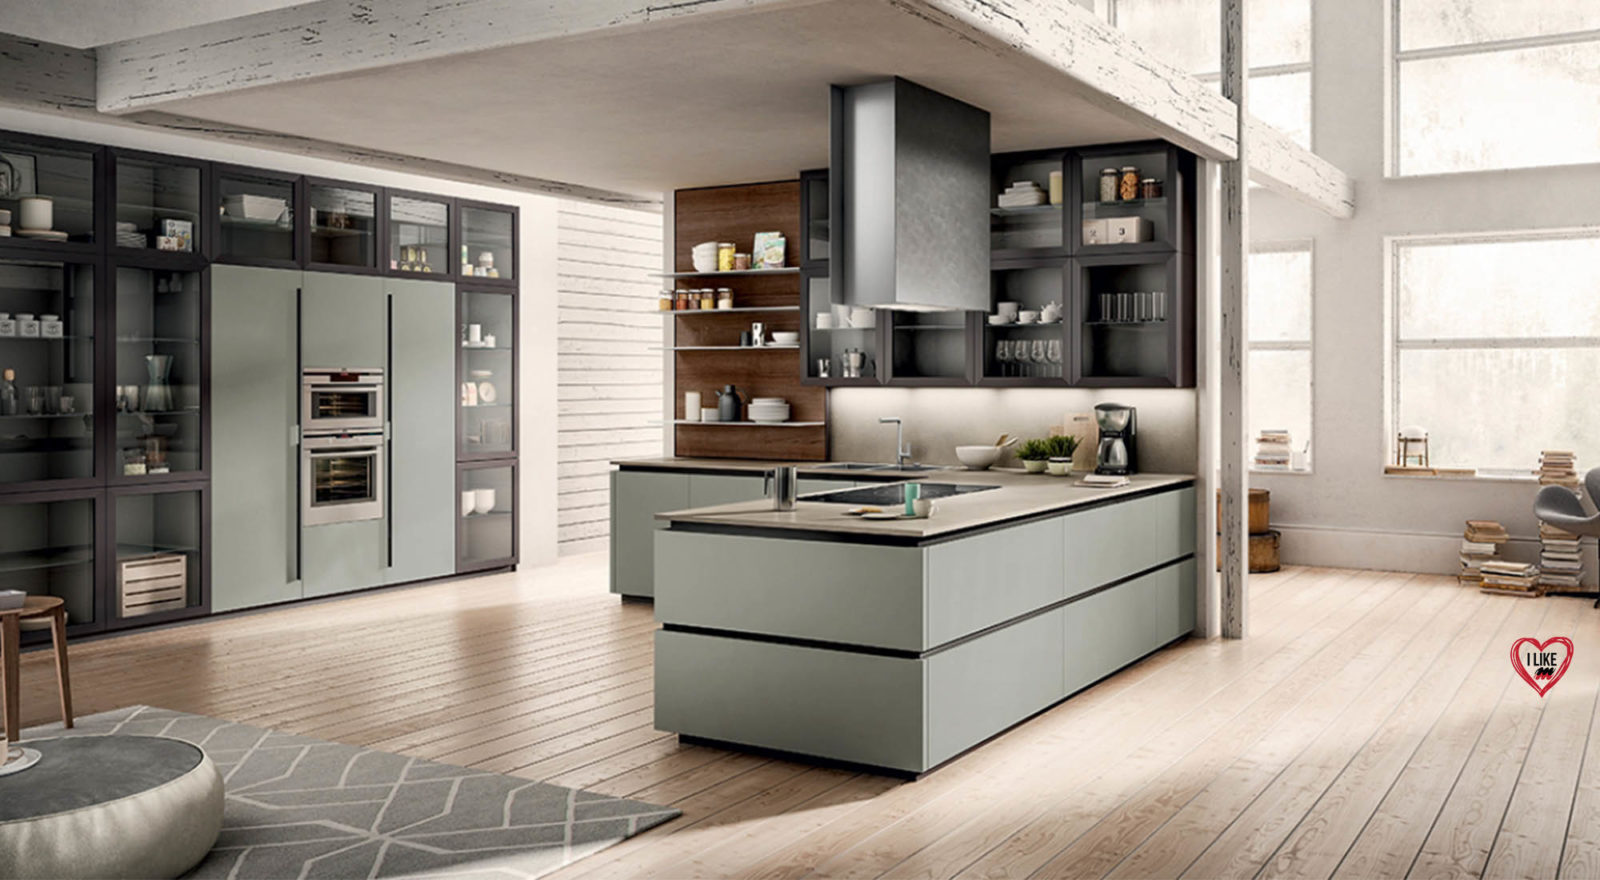 Cucina Moderna Design : Cucina moderna design arredamenti meneghello